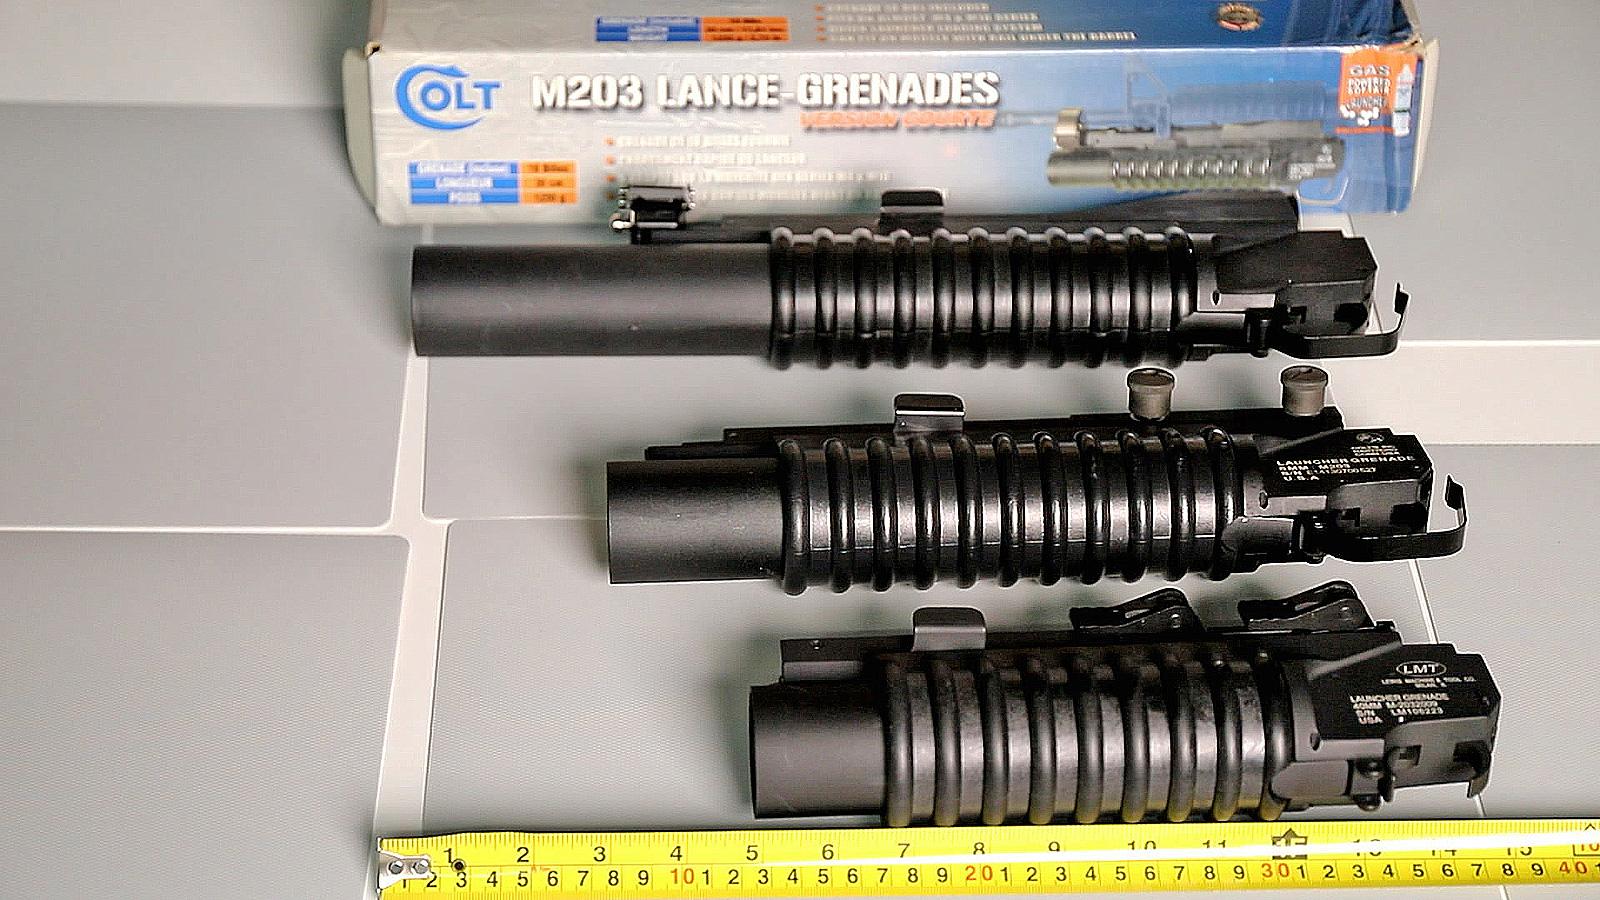 [海外Airsoft] M203 玩具榴弹发射器三种长度一次过